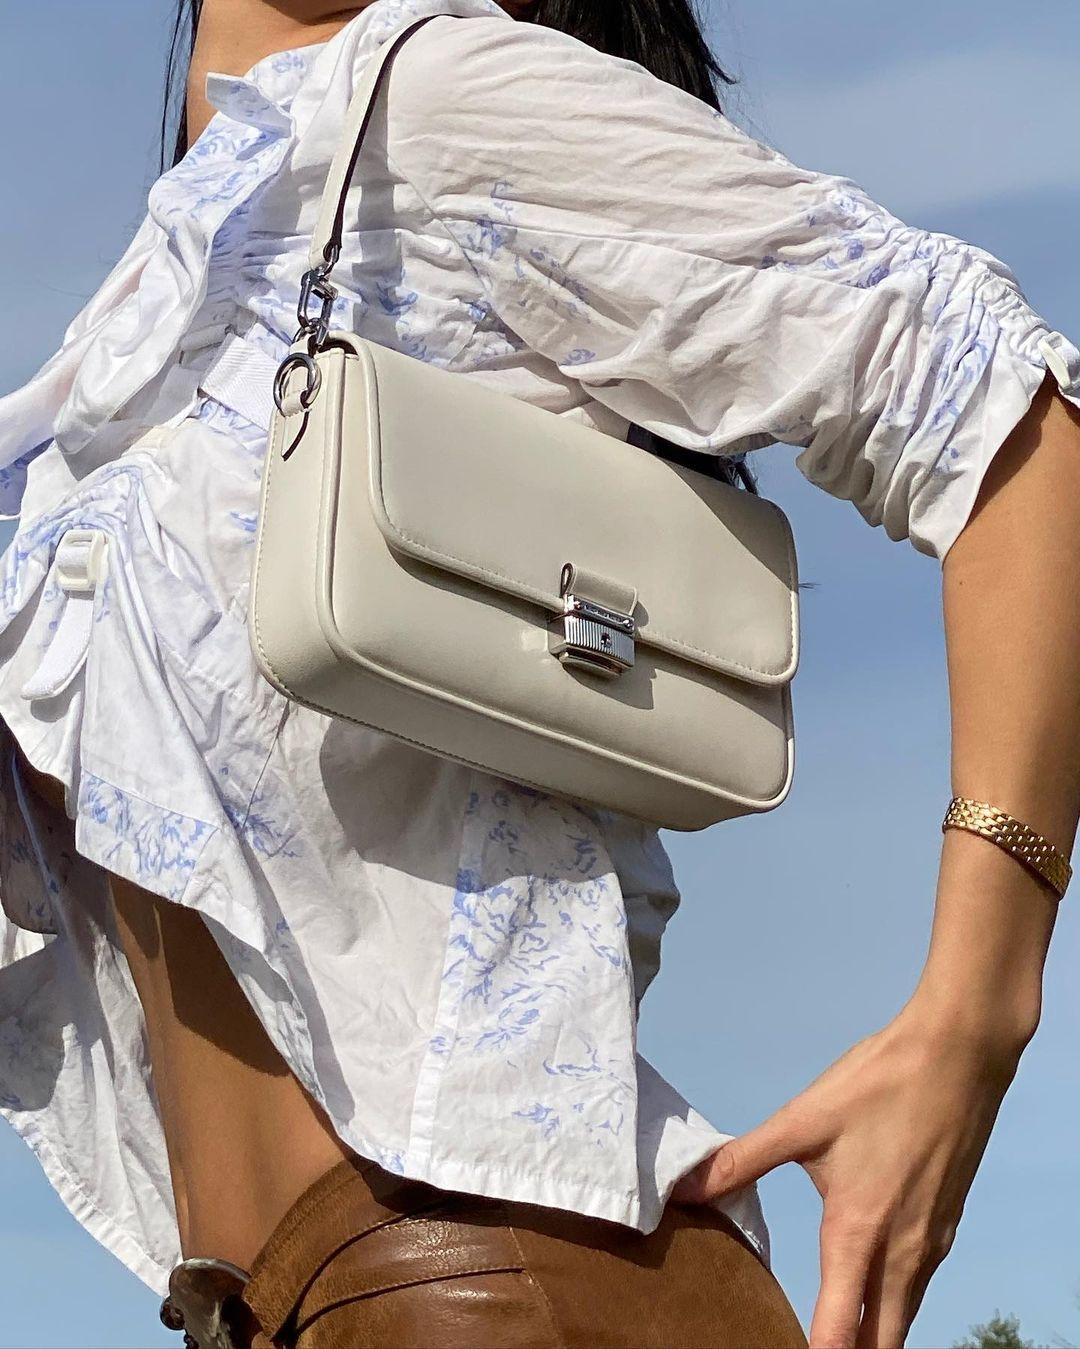 Образ дня: Белла Хадид в блузе с рюшами и кожаных брюках (ФОТО) - фото №4